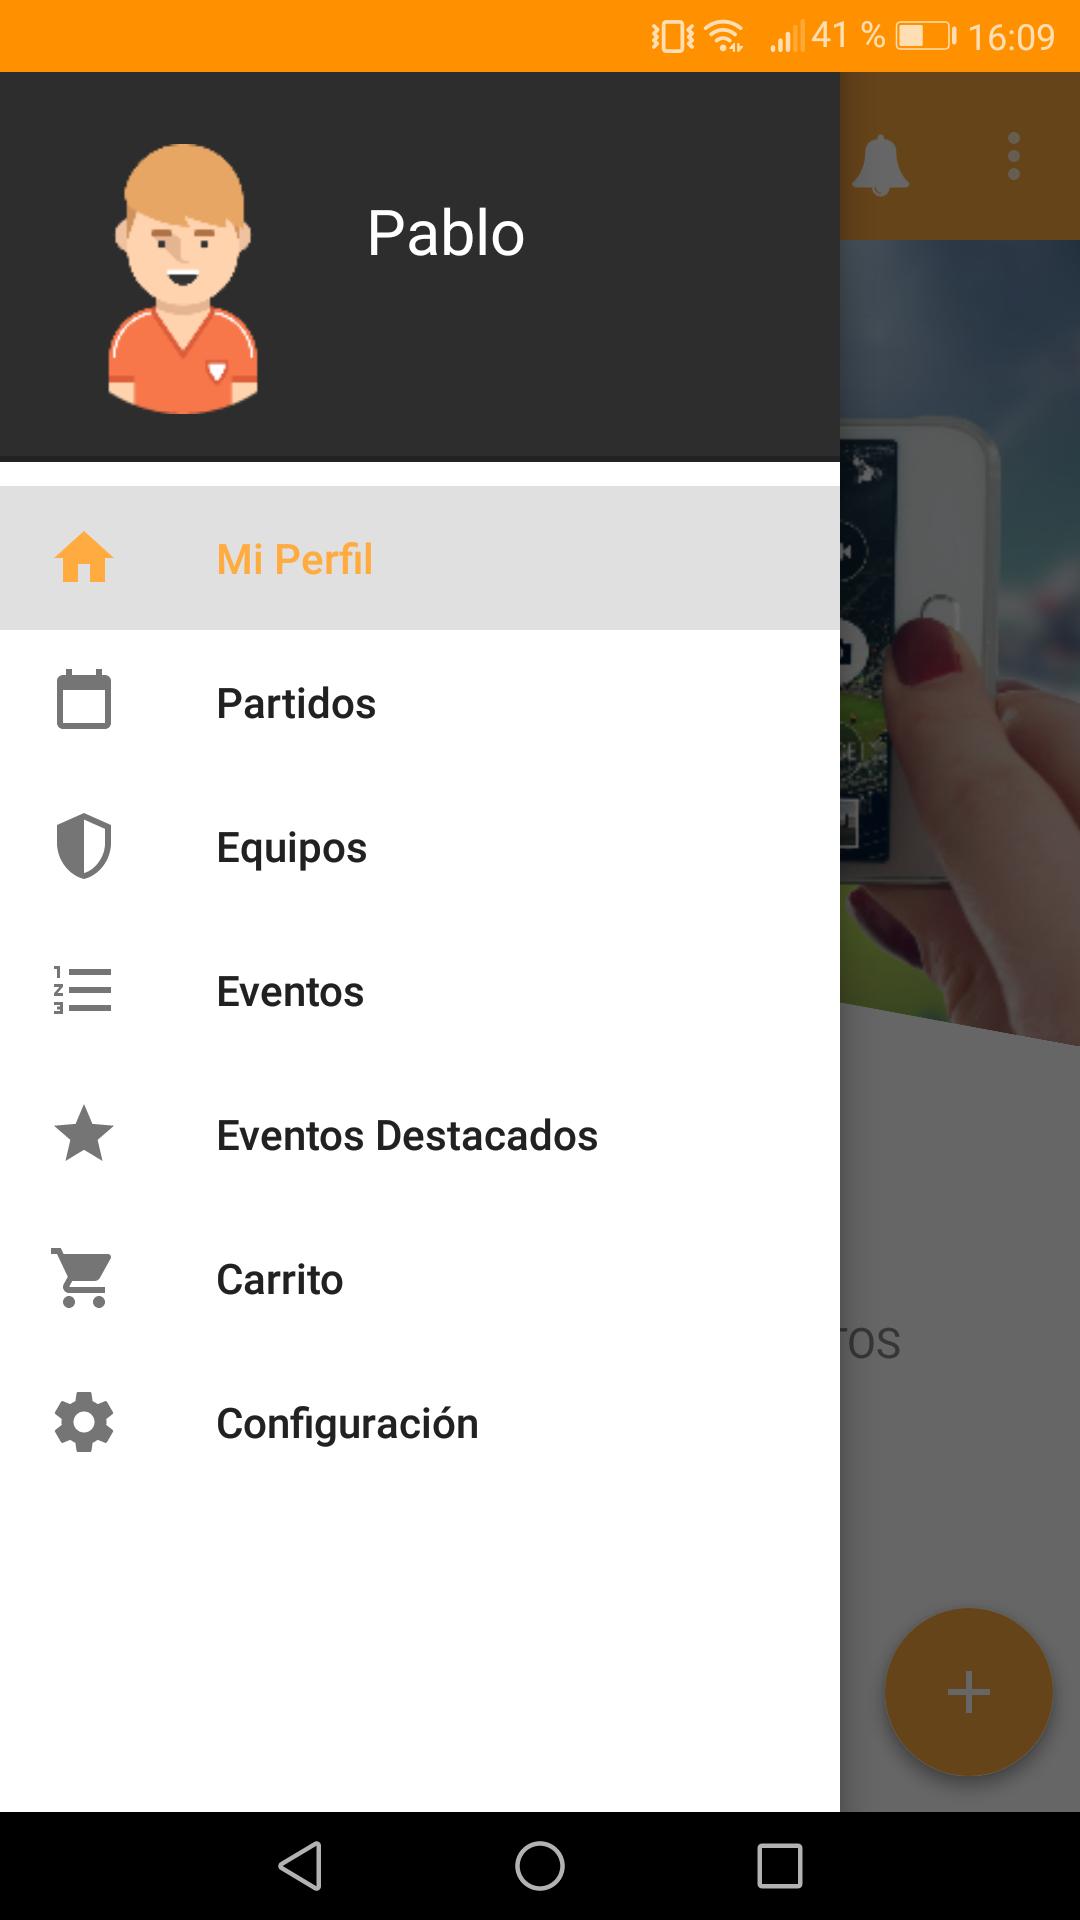 Acceder a equipos y torneos desde app móvil